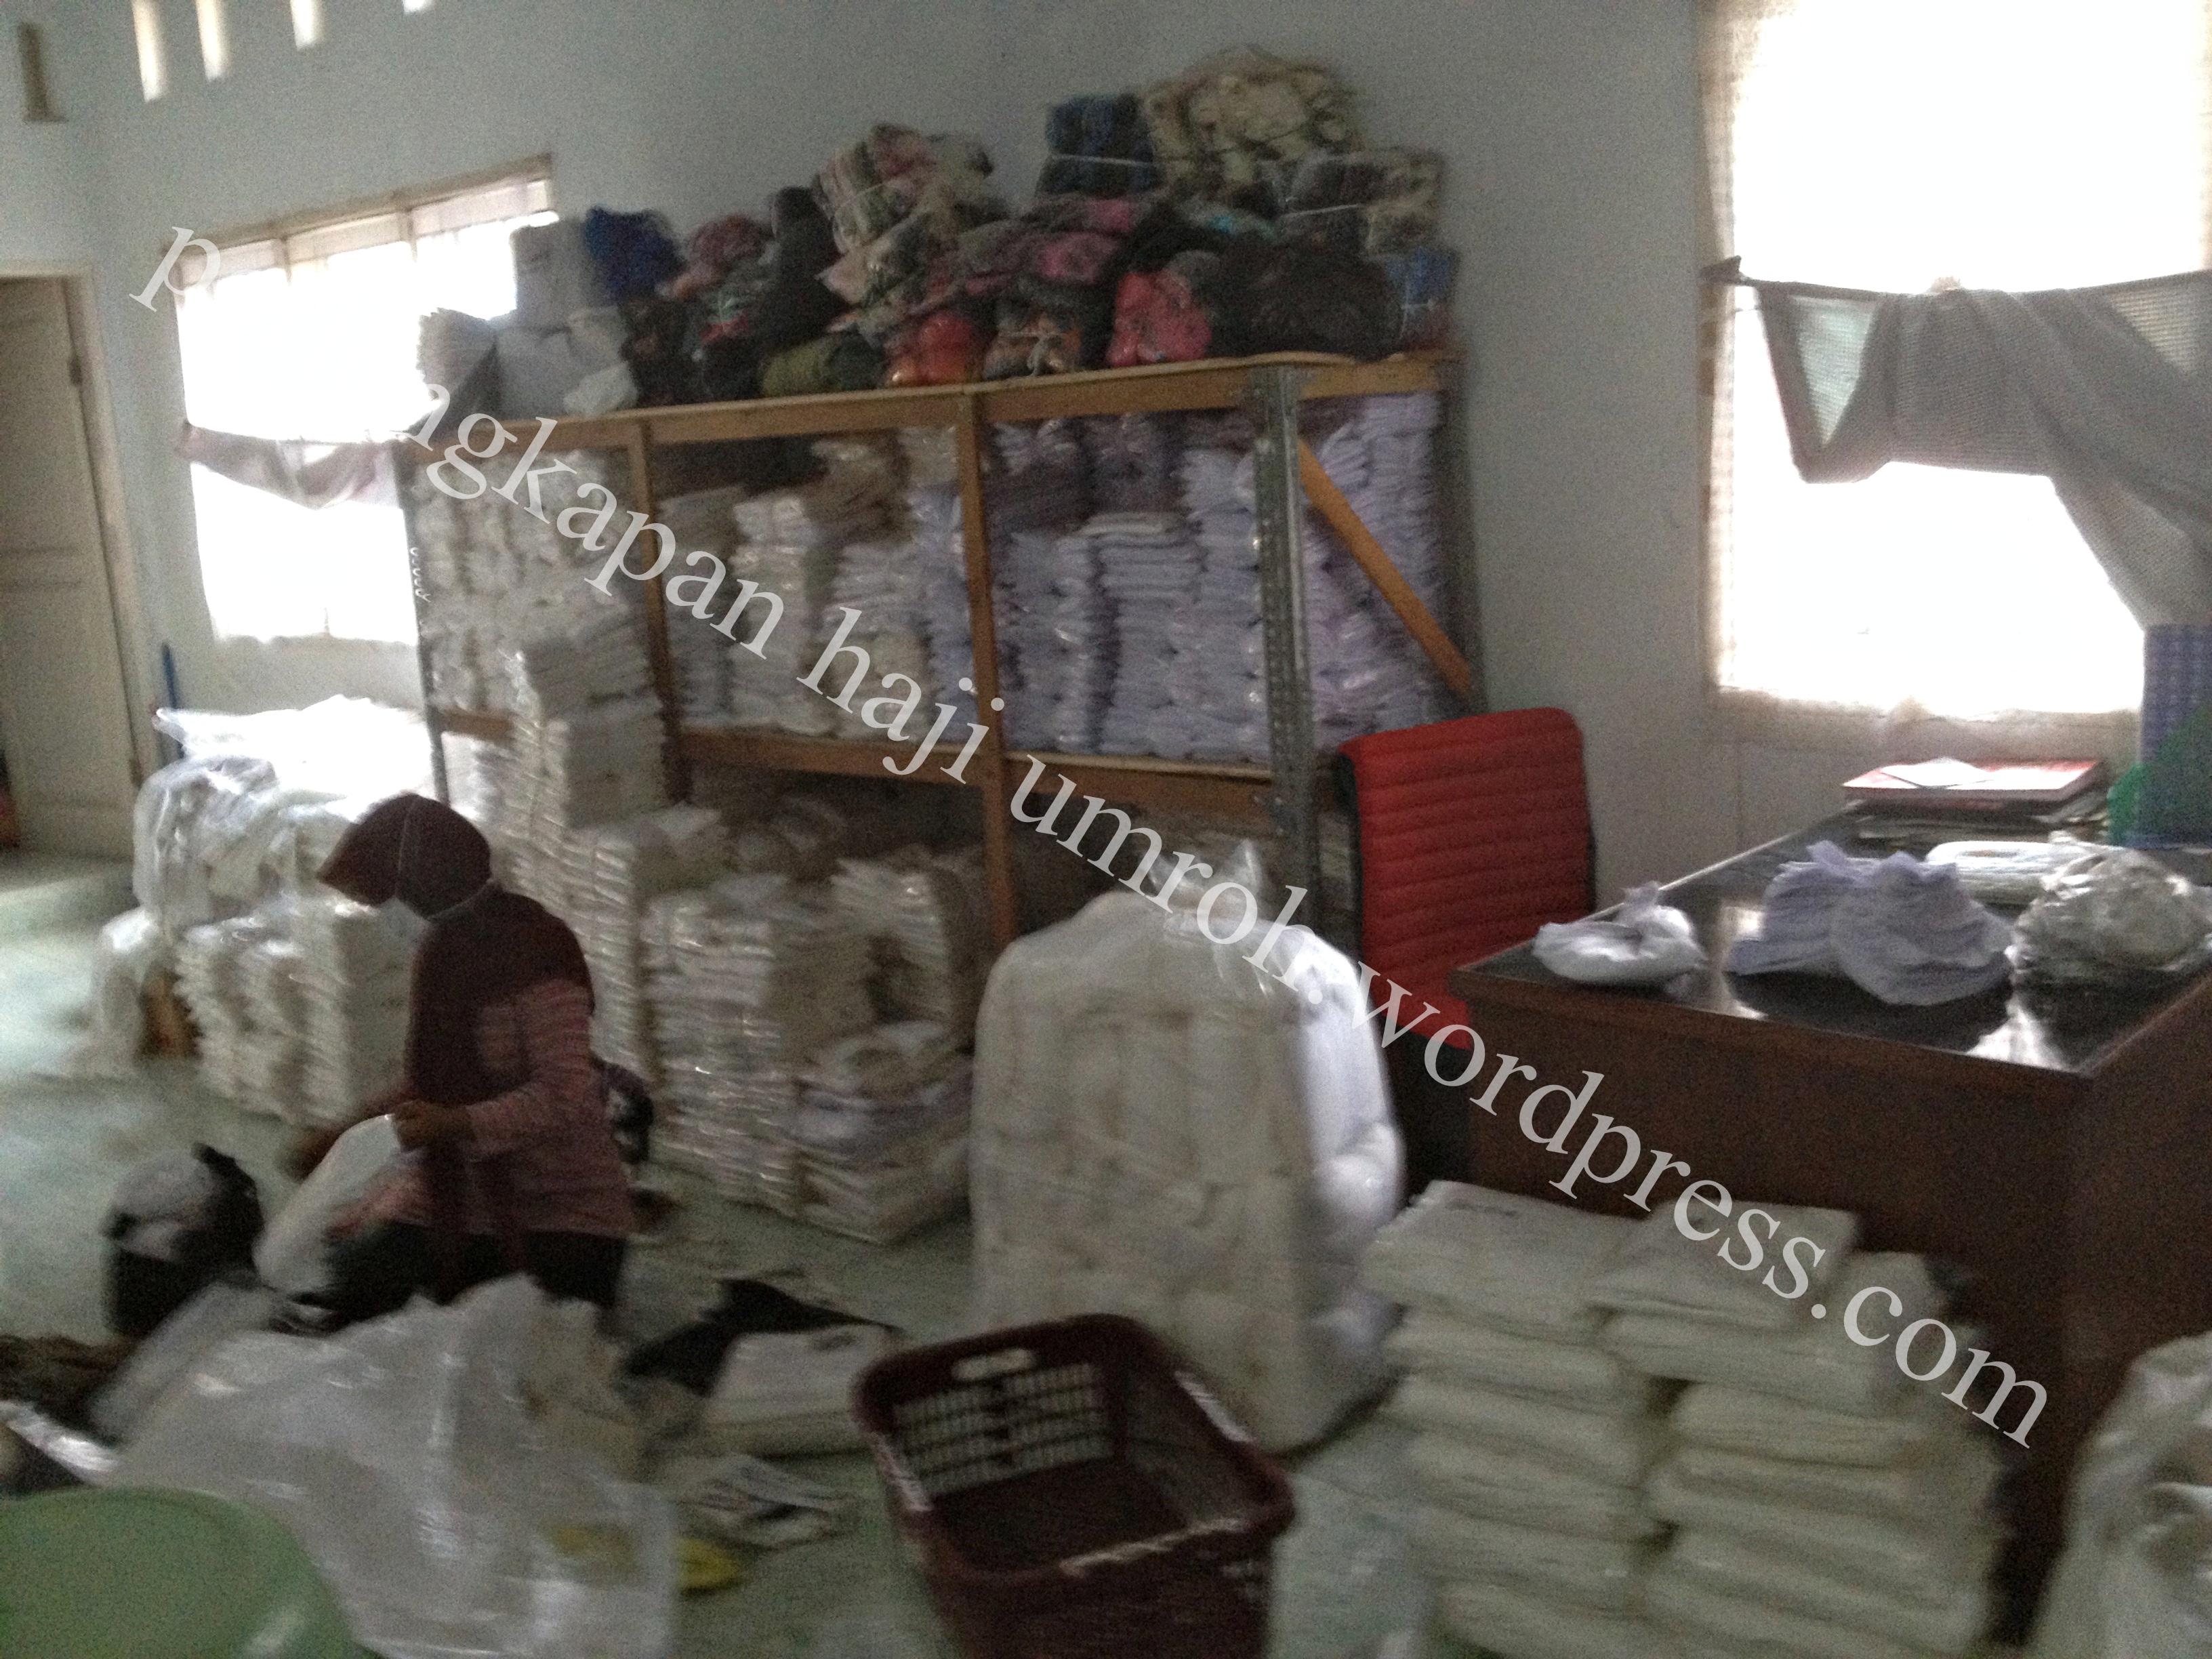 Jual Perlengkapan Haji Dan Umroh | 0896 0632 6972 | perlengkapanhajiumroh.wordpress.com